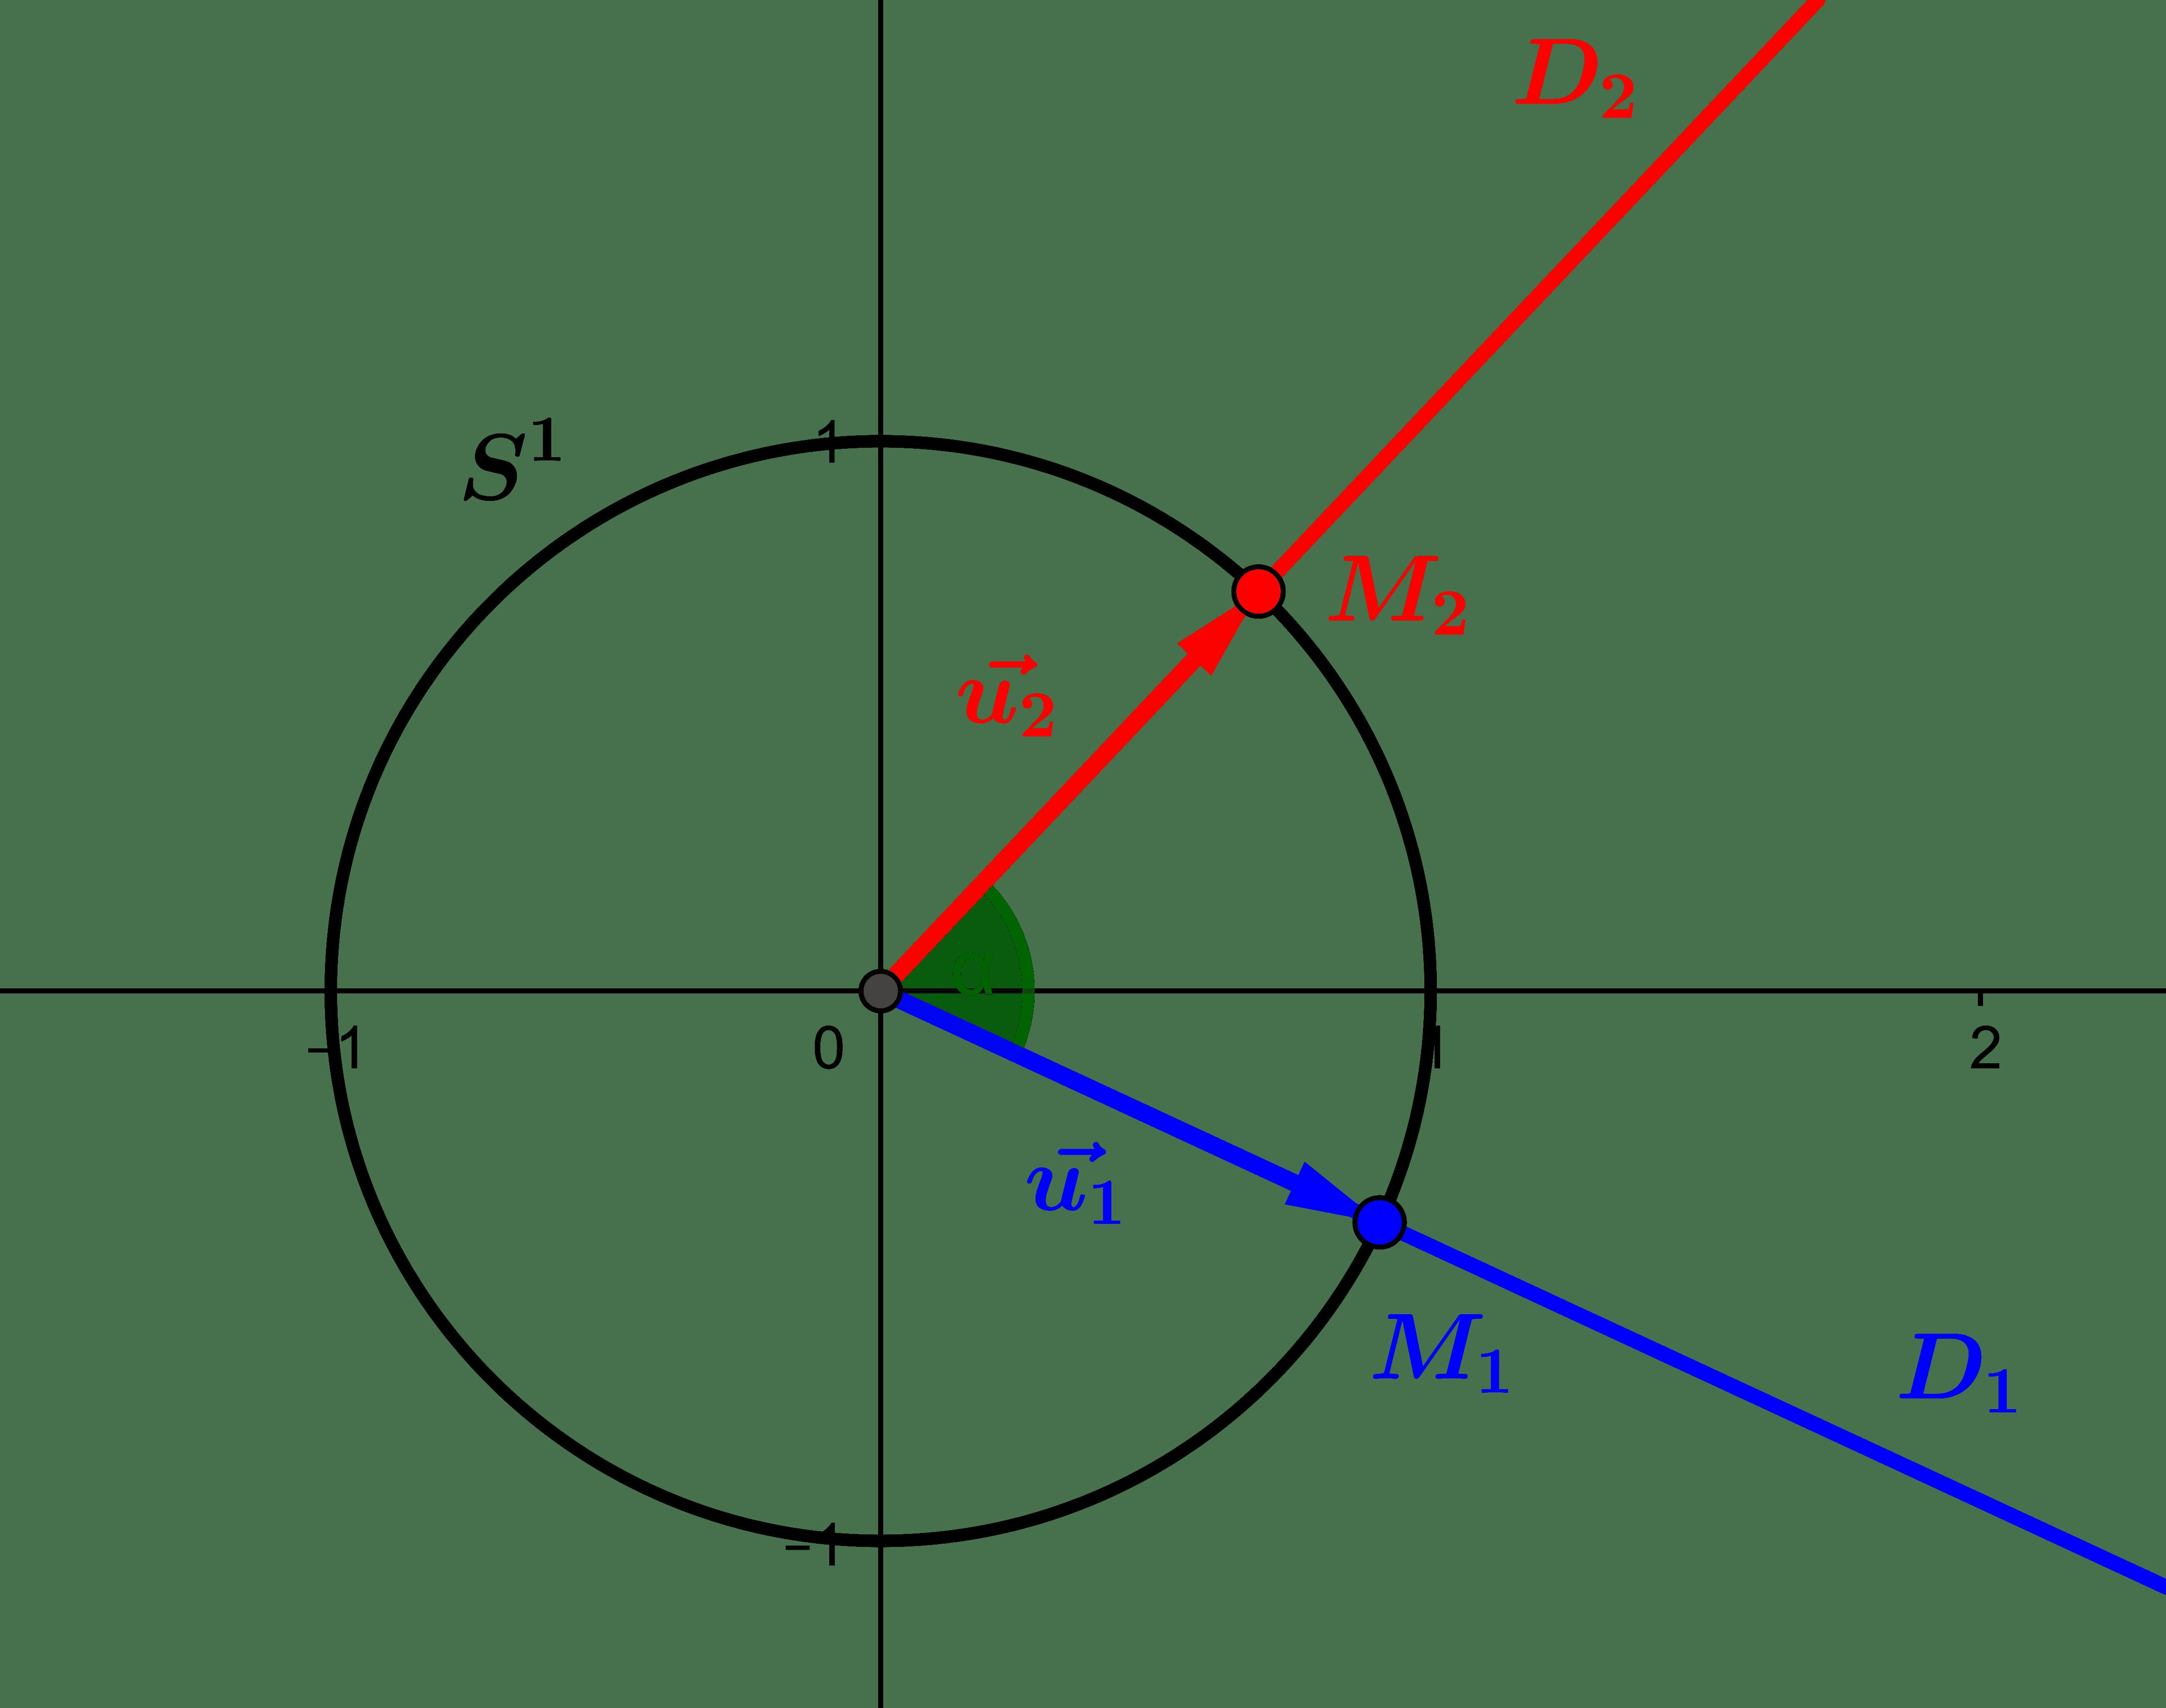 Angles de vecteurs : intuition géométrique et définition algébrique